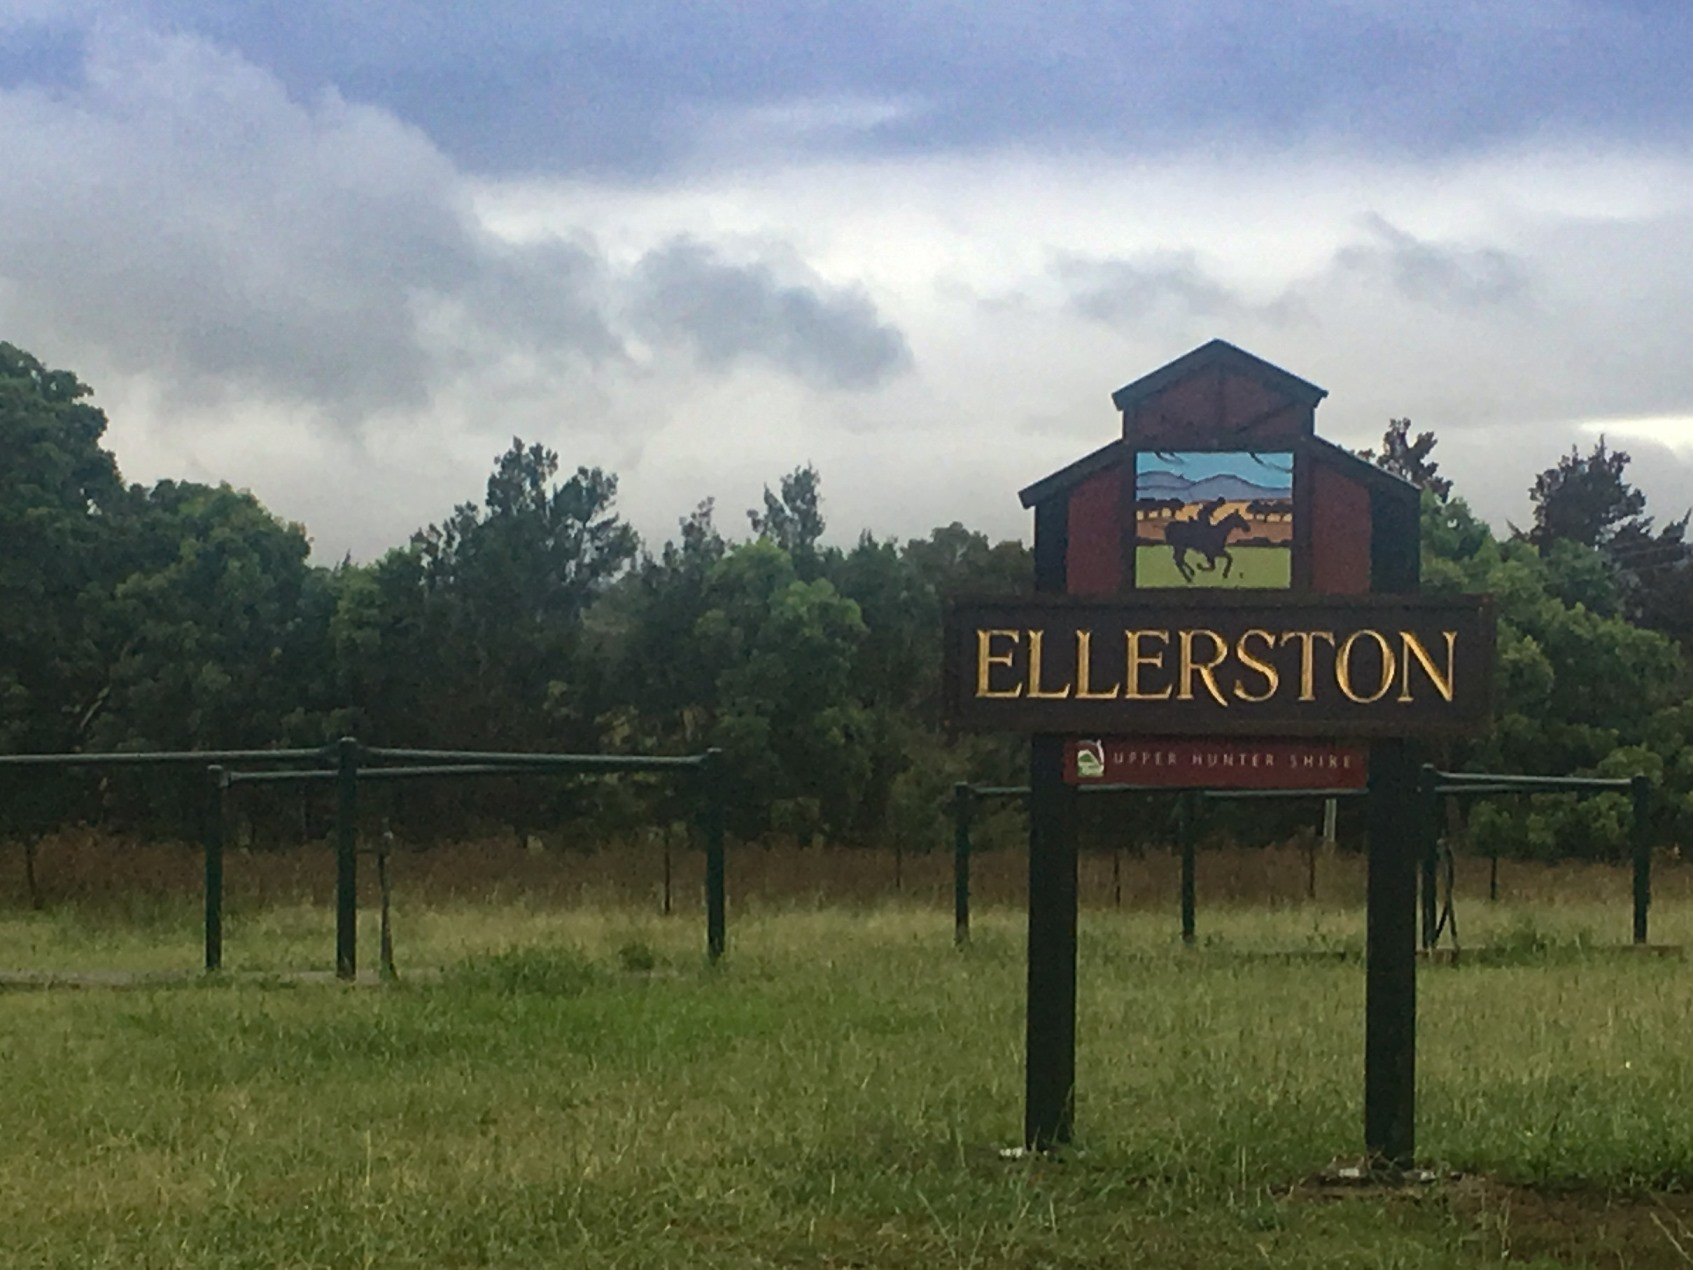 Sign for Ellerston